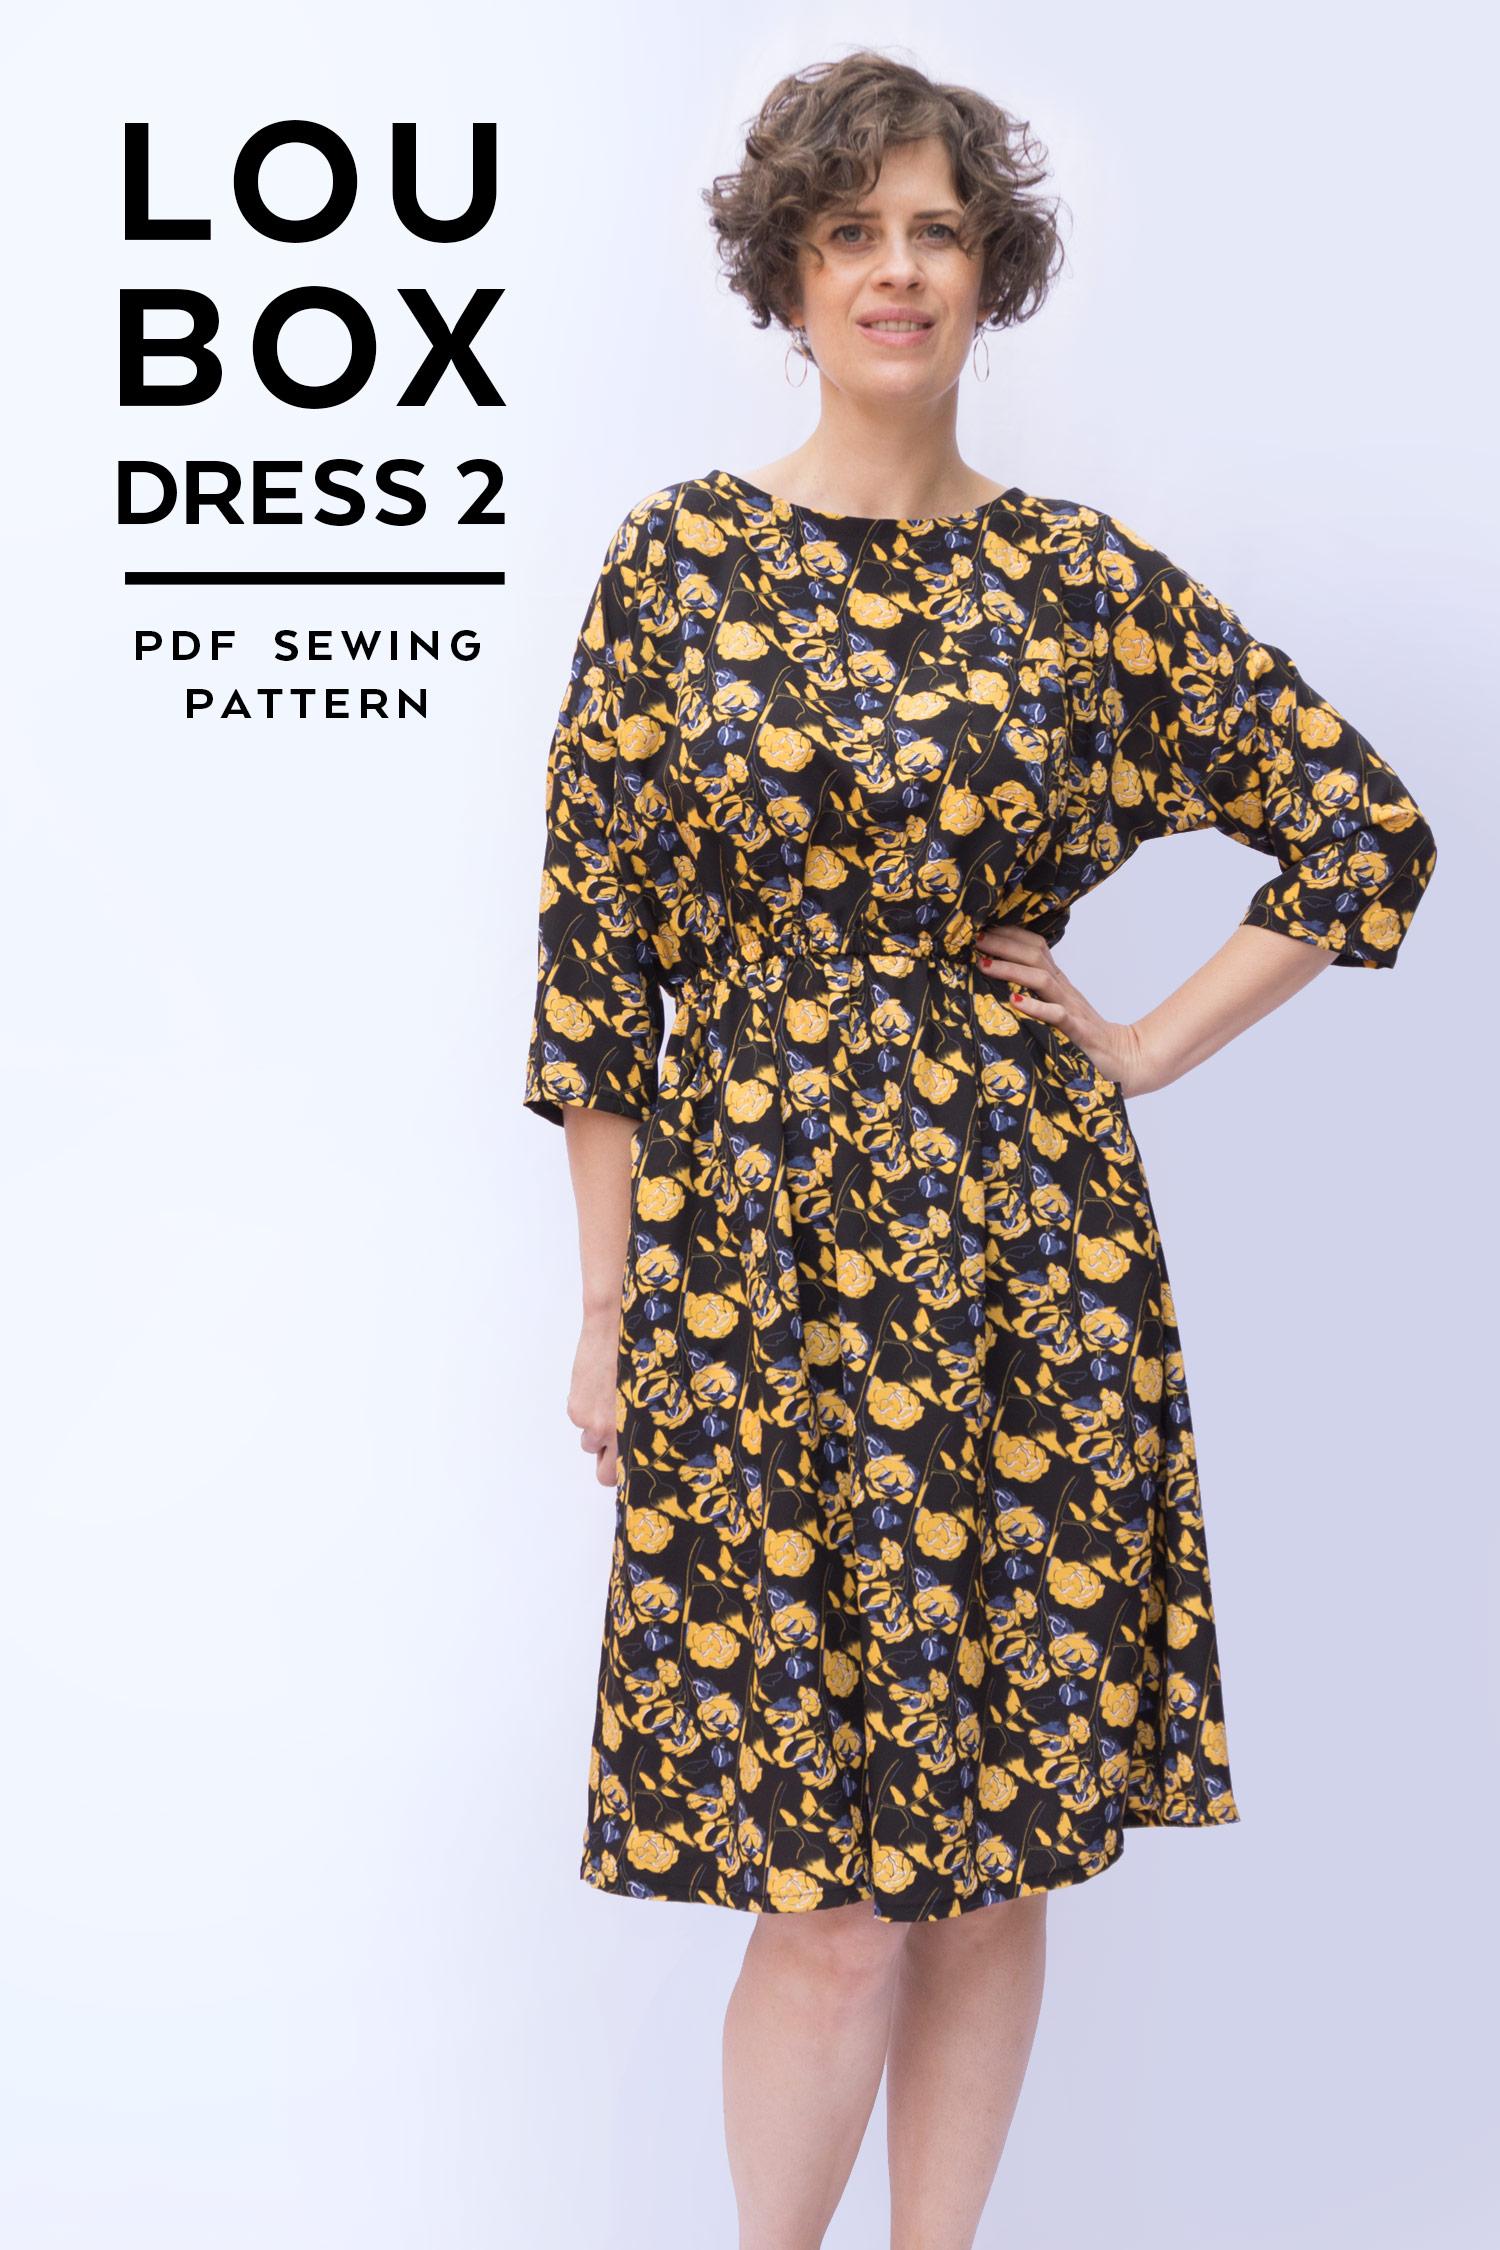 Introducing the Lou Box Dress 2   Sew DIY